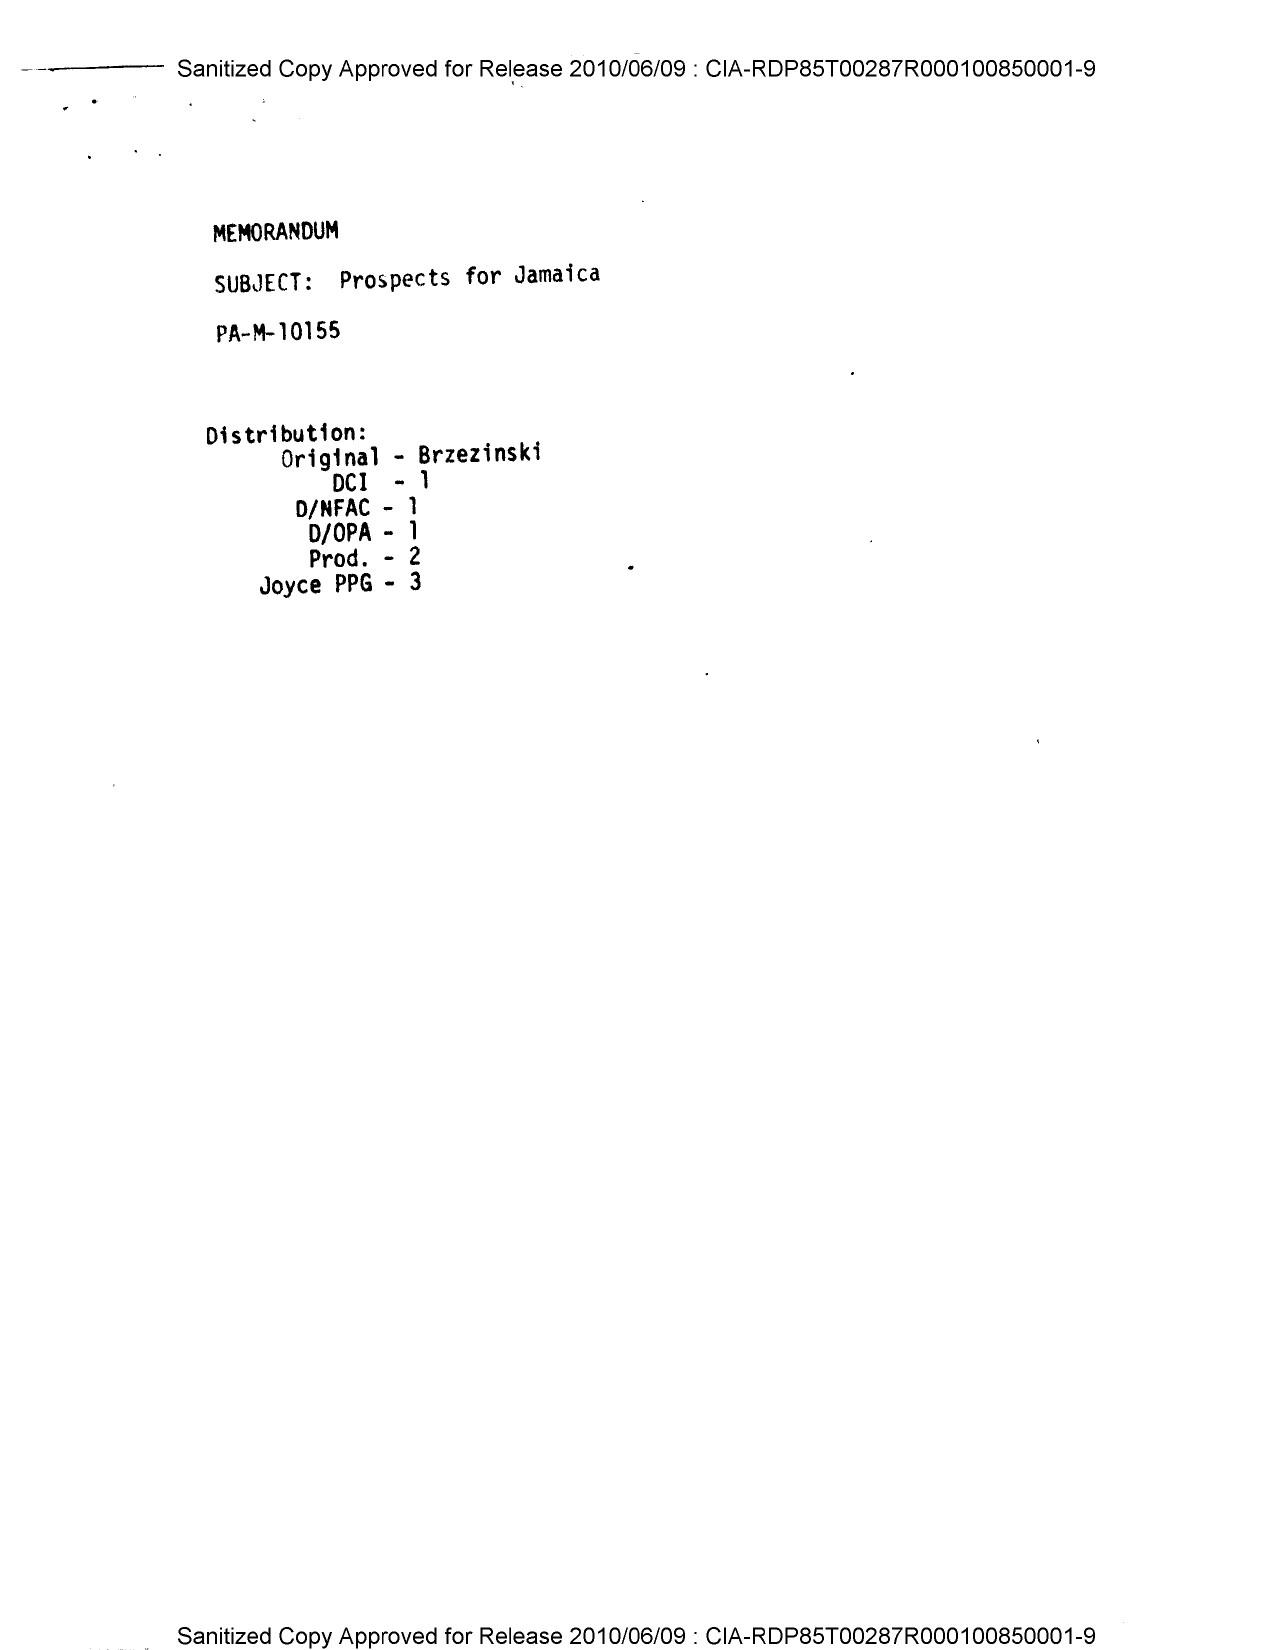 CIA-RDP85T00287R000100850001-9-10_page-0